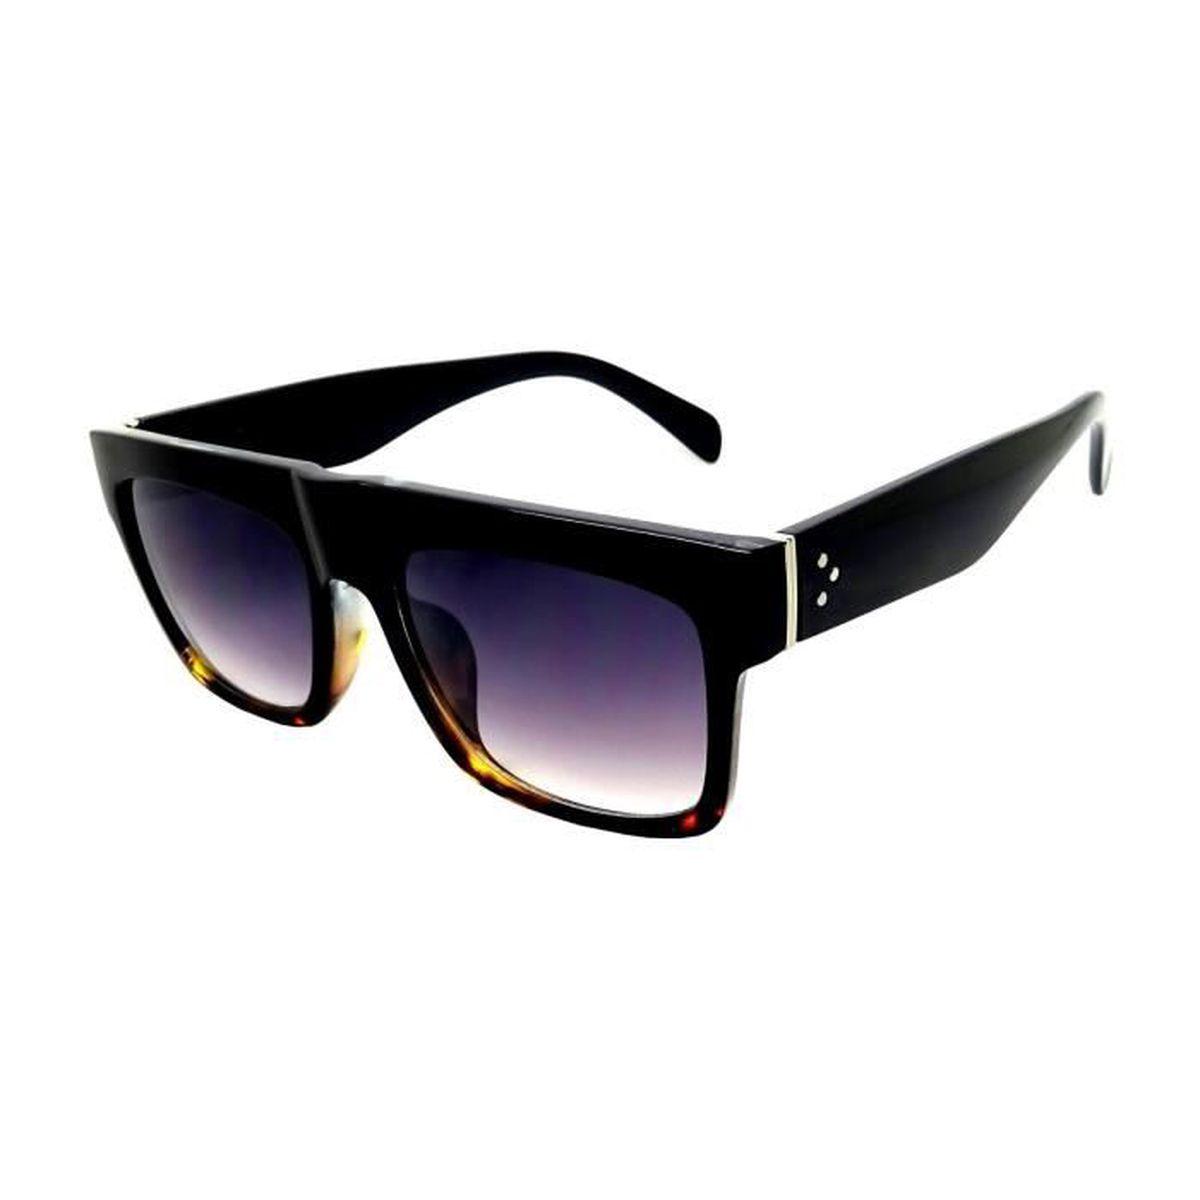 Lunettes Soleil KIM Rectangle Soleil Femme Noir Havana Masque Carré - Achat    Vente lunettes de soleil Mixte - Cdiscount 6e6c83379b31